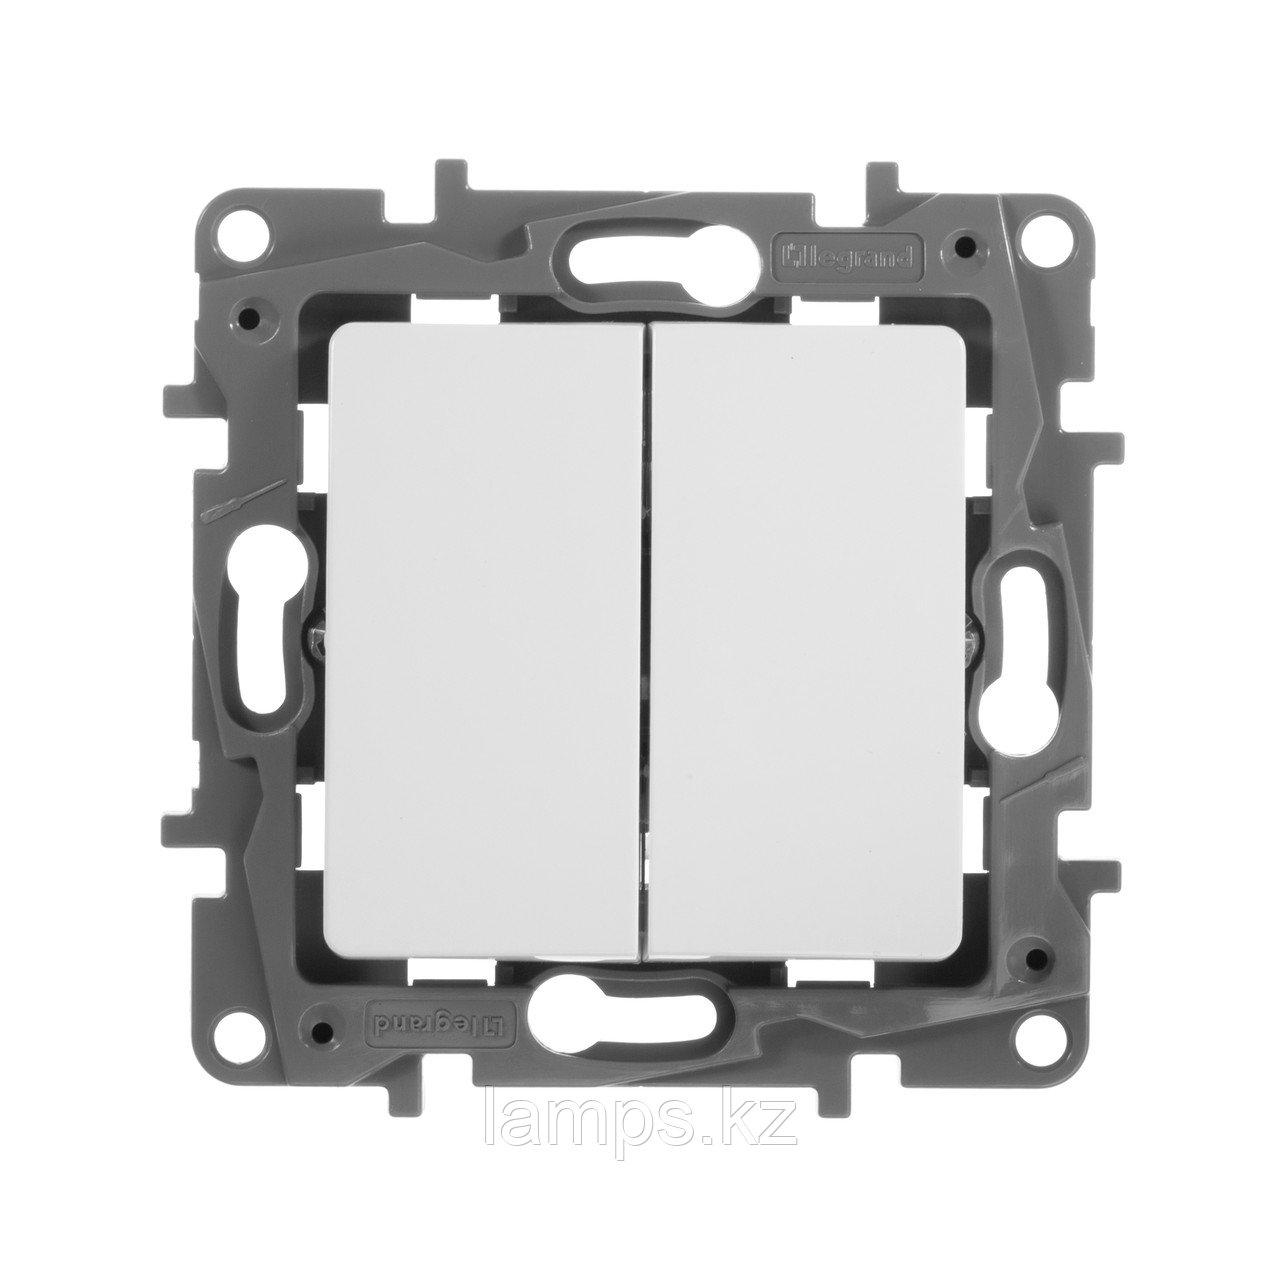 Выключатель двухклавишный - Etika - 10 A - 250 В~ - белый